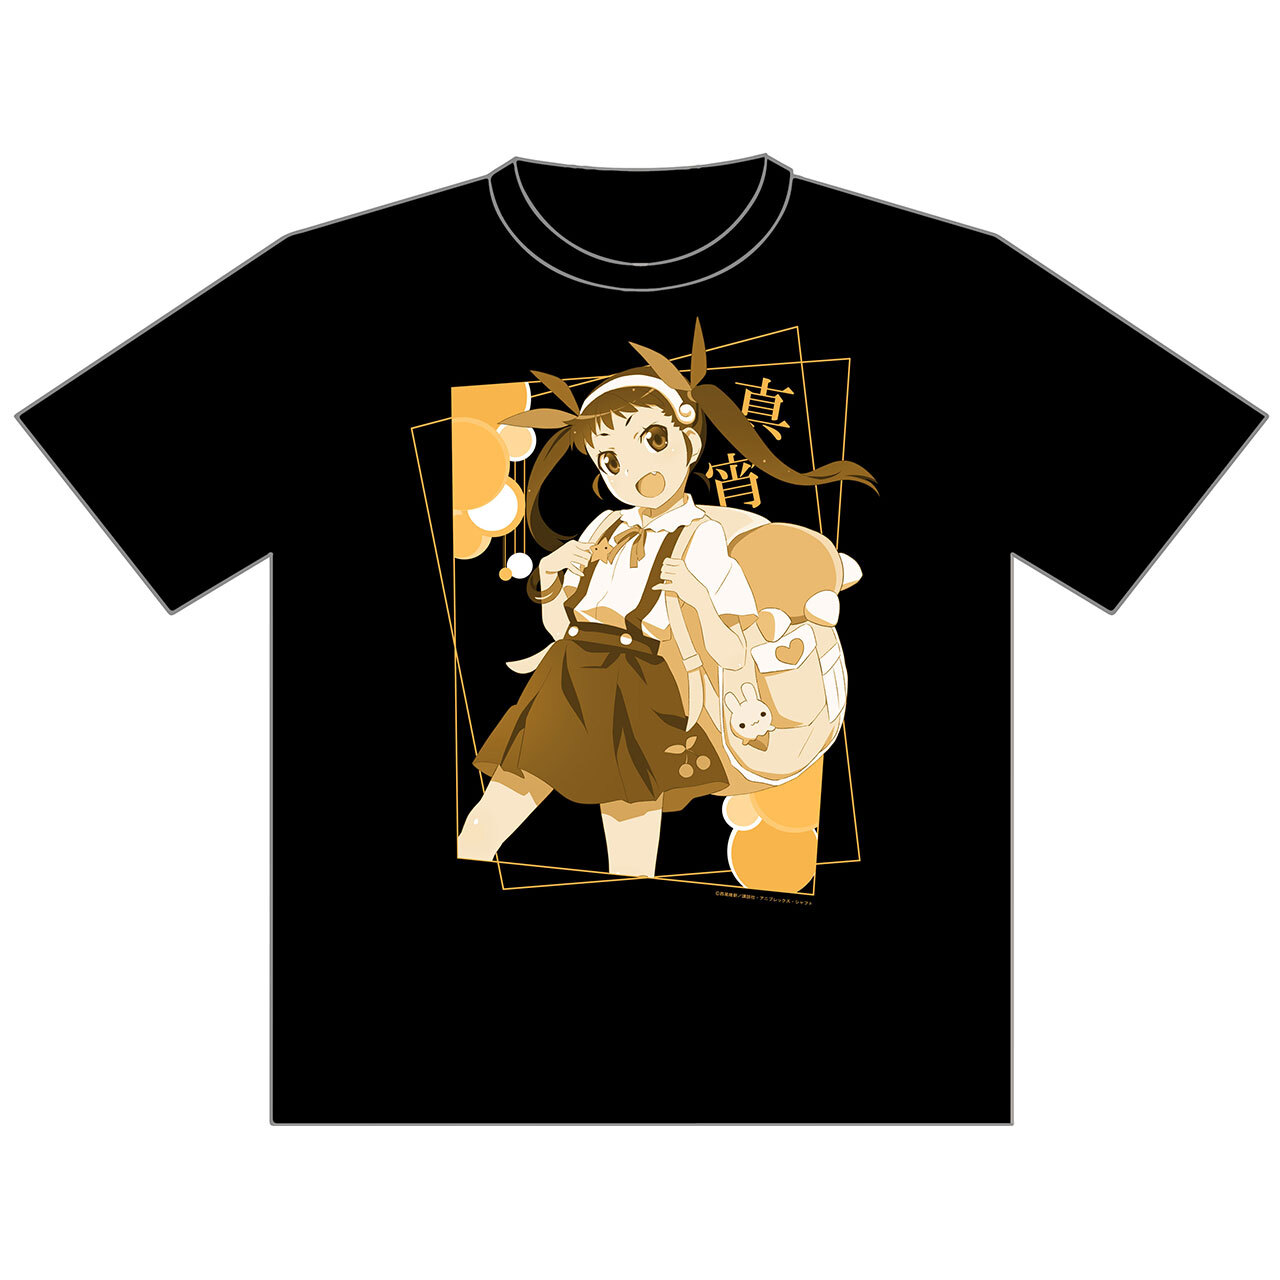 【4589839358057予】終物語 【描き下ろし】八九寺真宵 Tシャツ XL